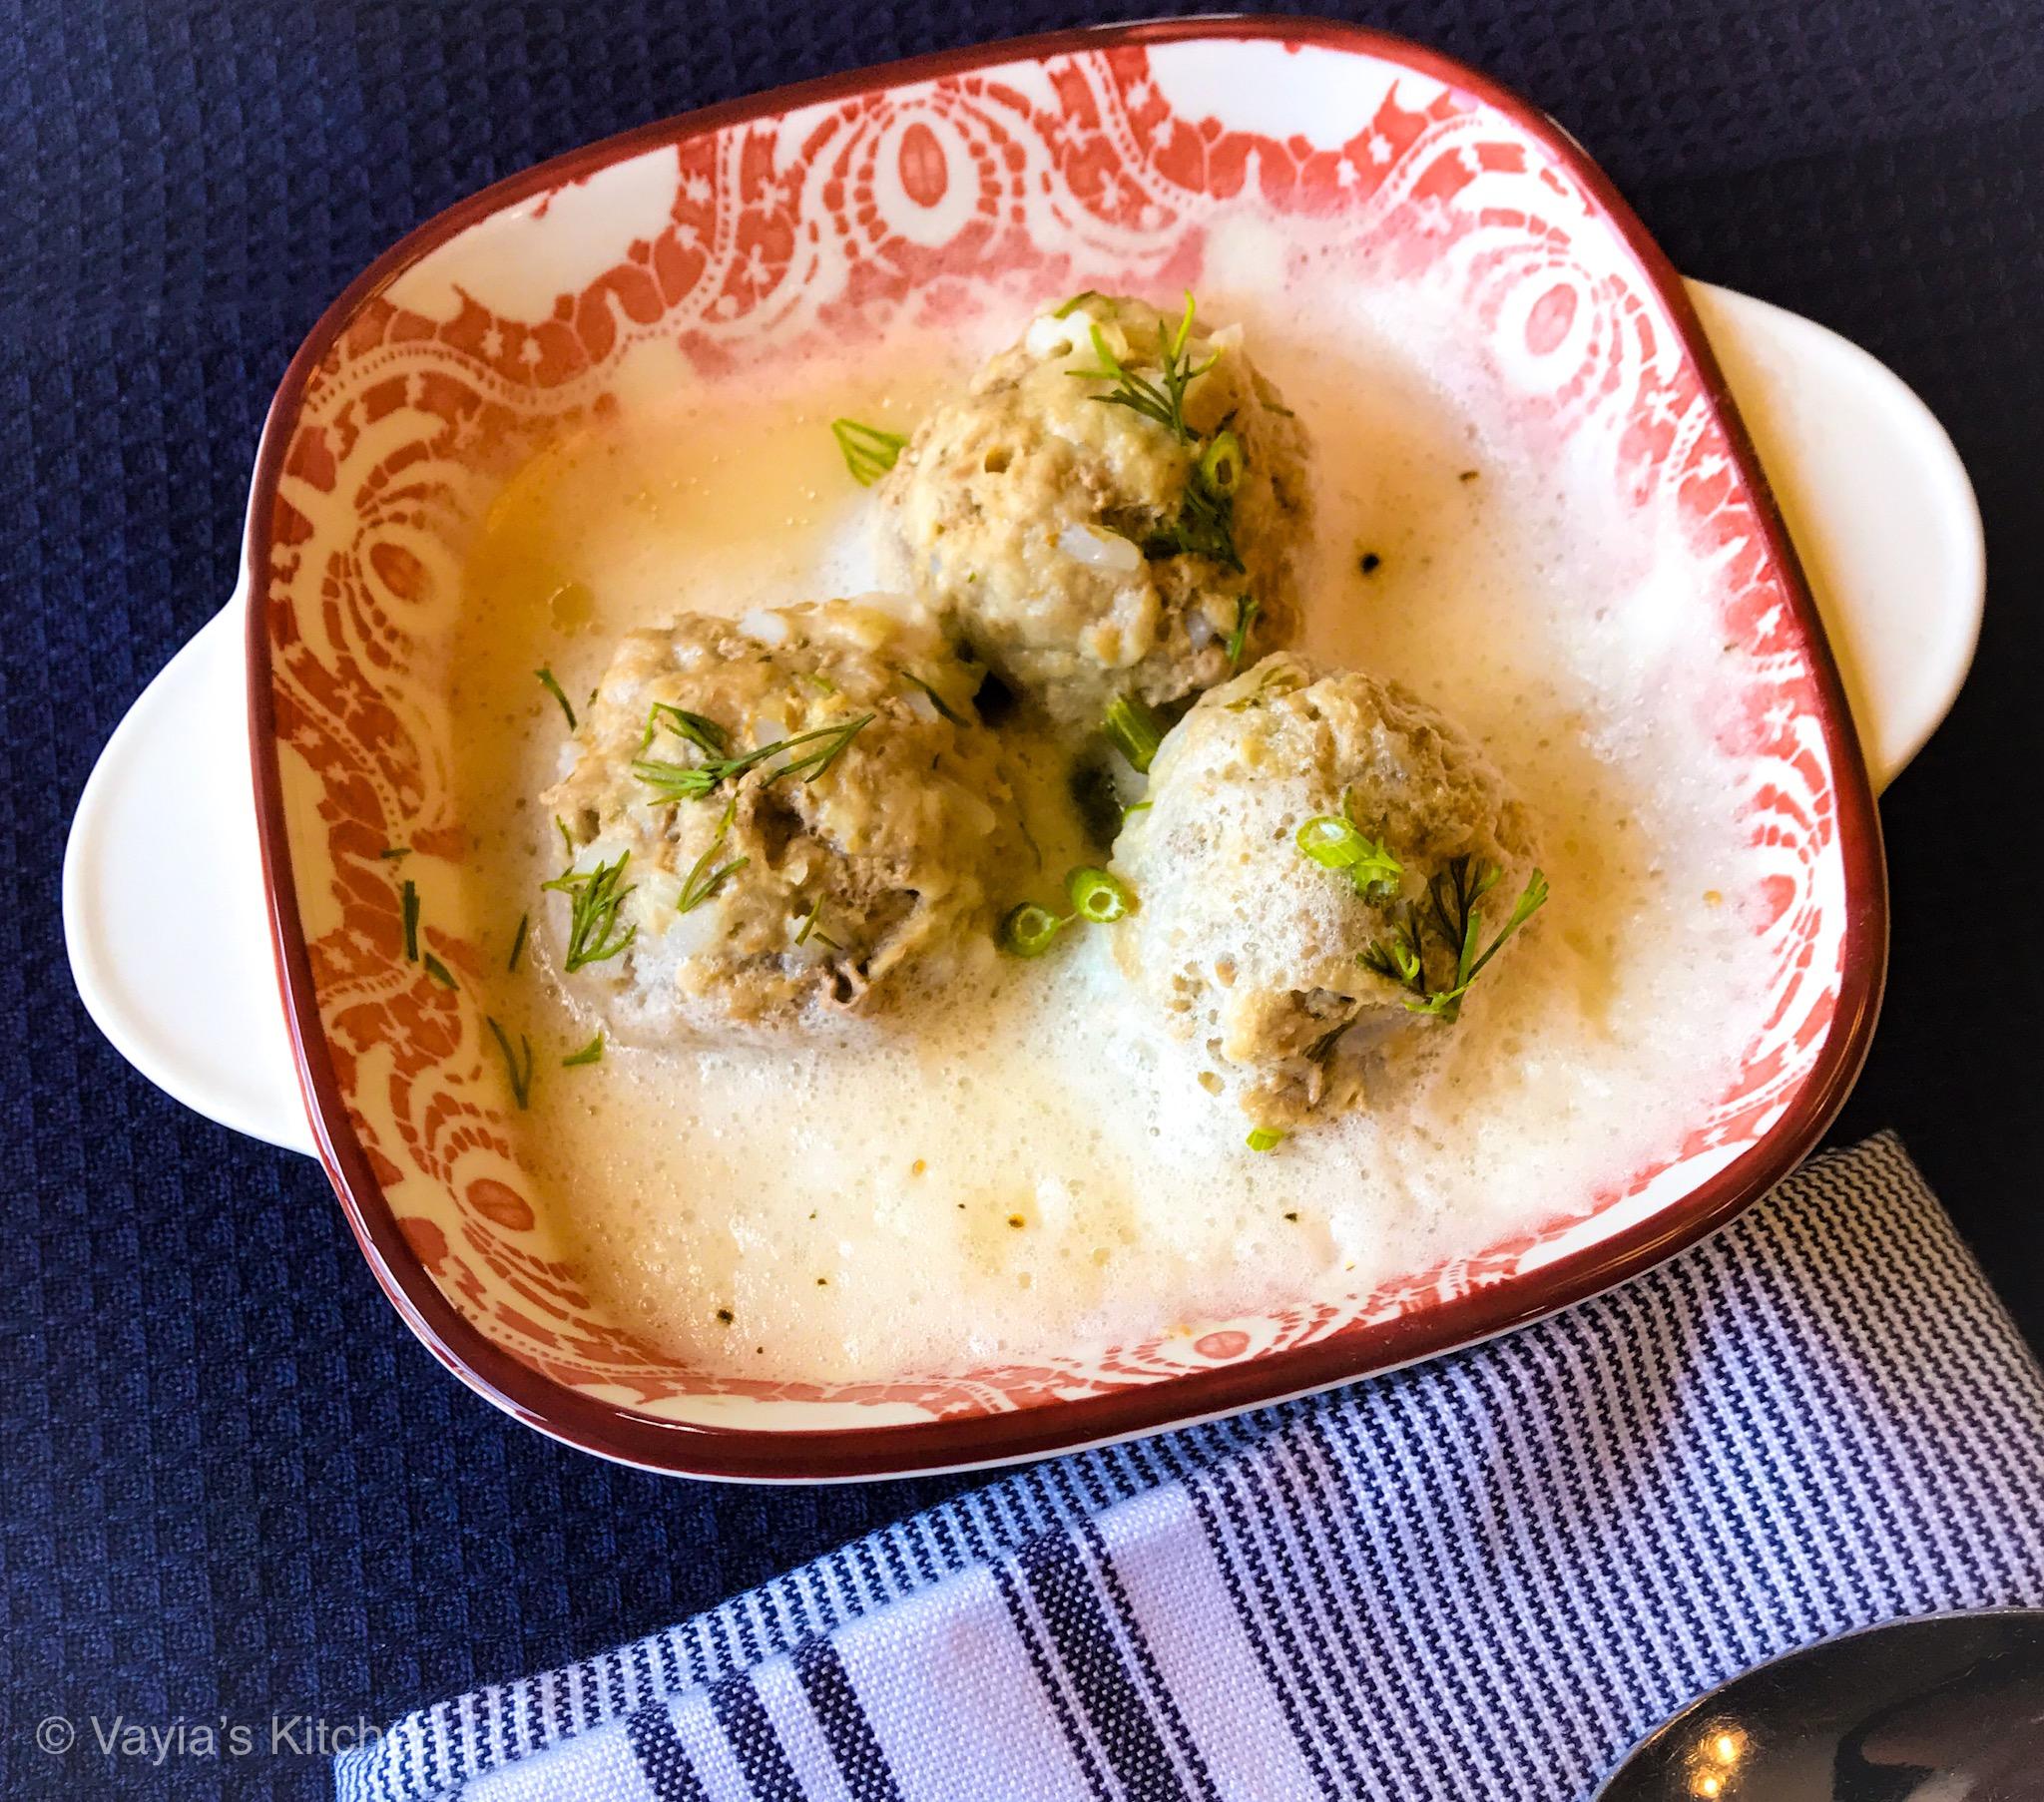 Youvarlakia Avgolemono (Greek Egg Lemon Meatball Soup)